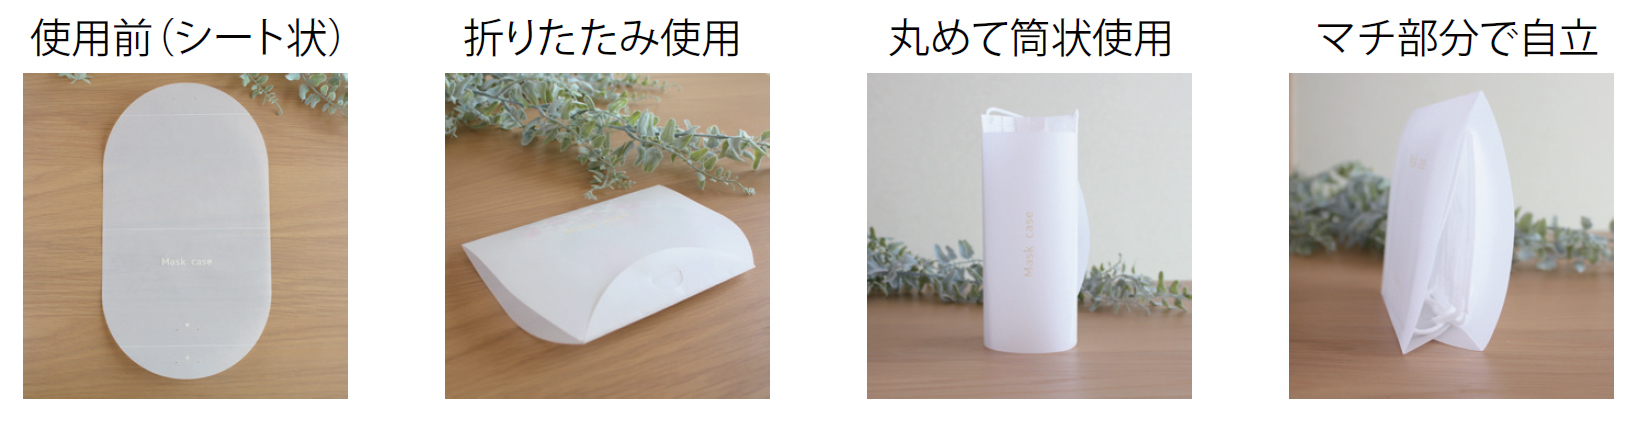 4パターンの使い分けができる紙マスクケース